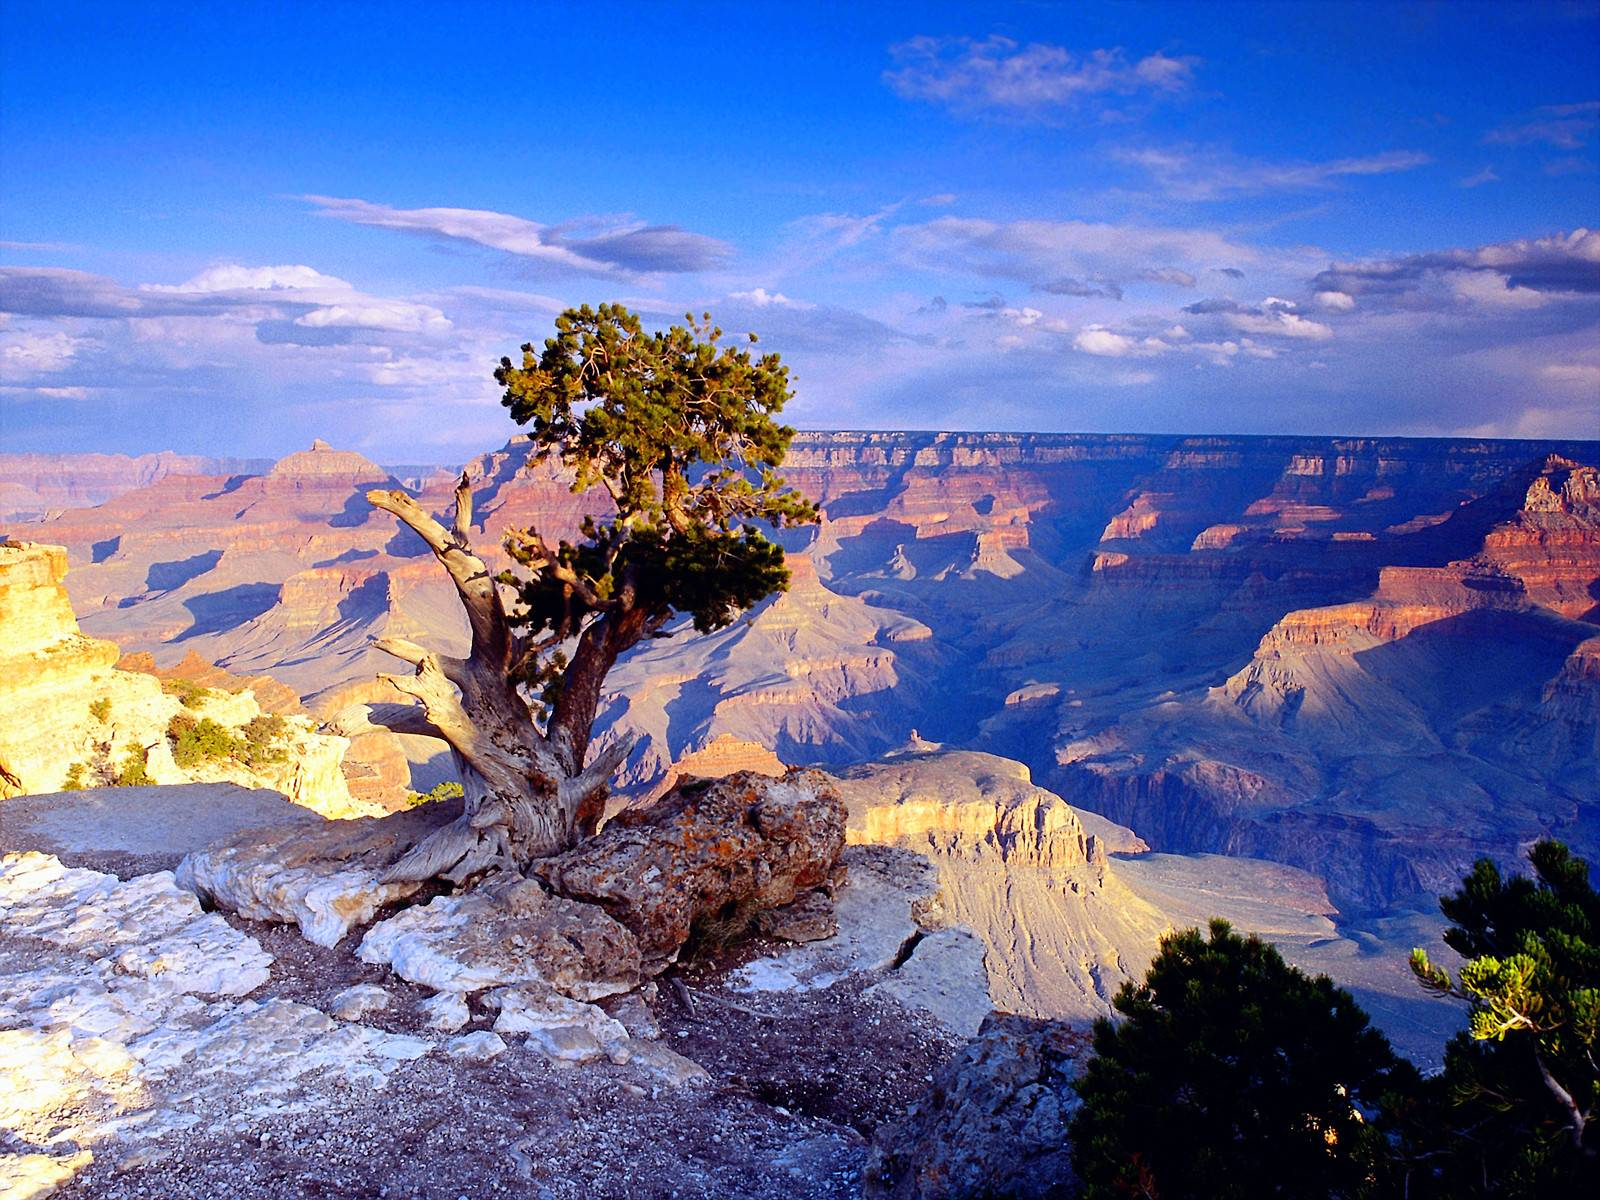 5-Day San Francisco, Grand Canyon South Rim, Lake Powell, Horseshoe Bend, Antelope Slot Canyon and Las Vegas Tour